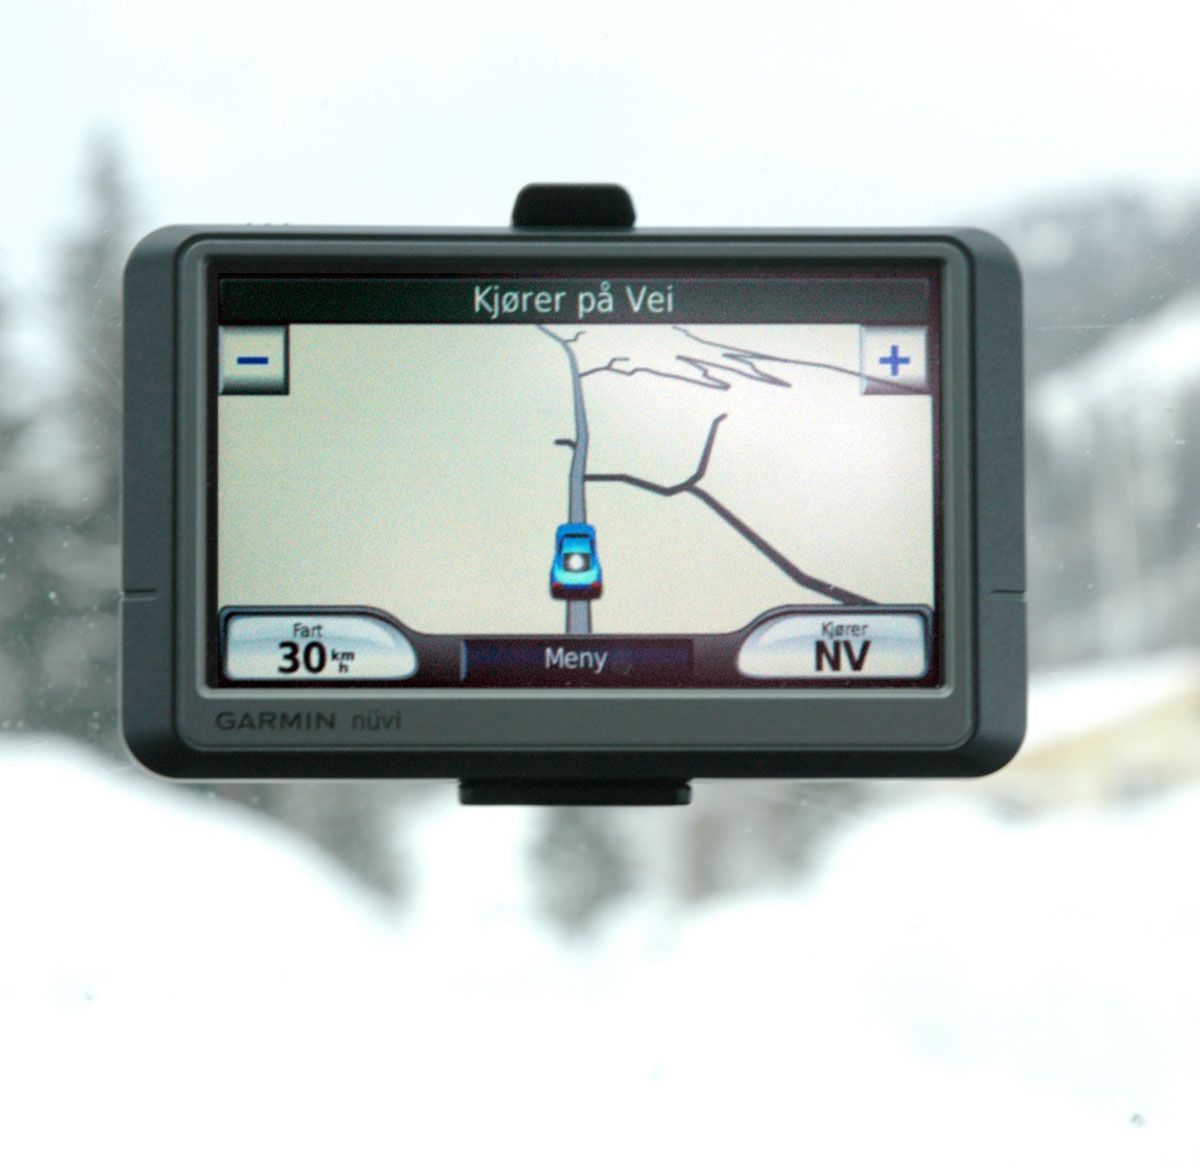 At man kjører på vei kan være en sannhet med modifikasjoner under norske vinterforhold.